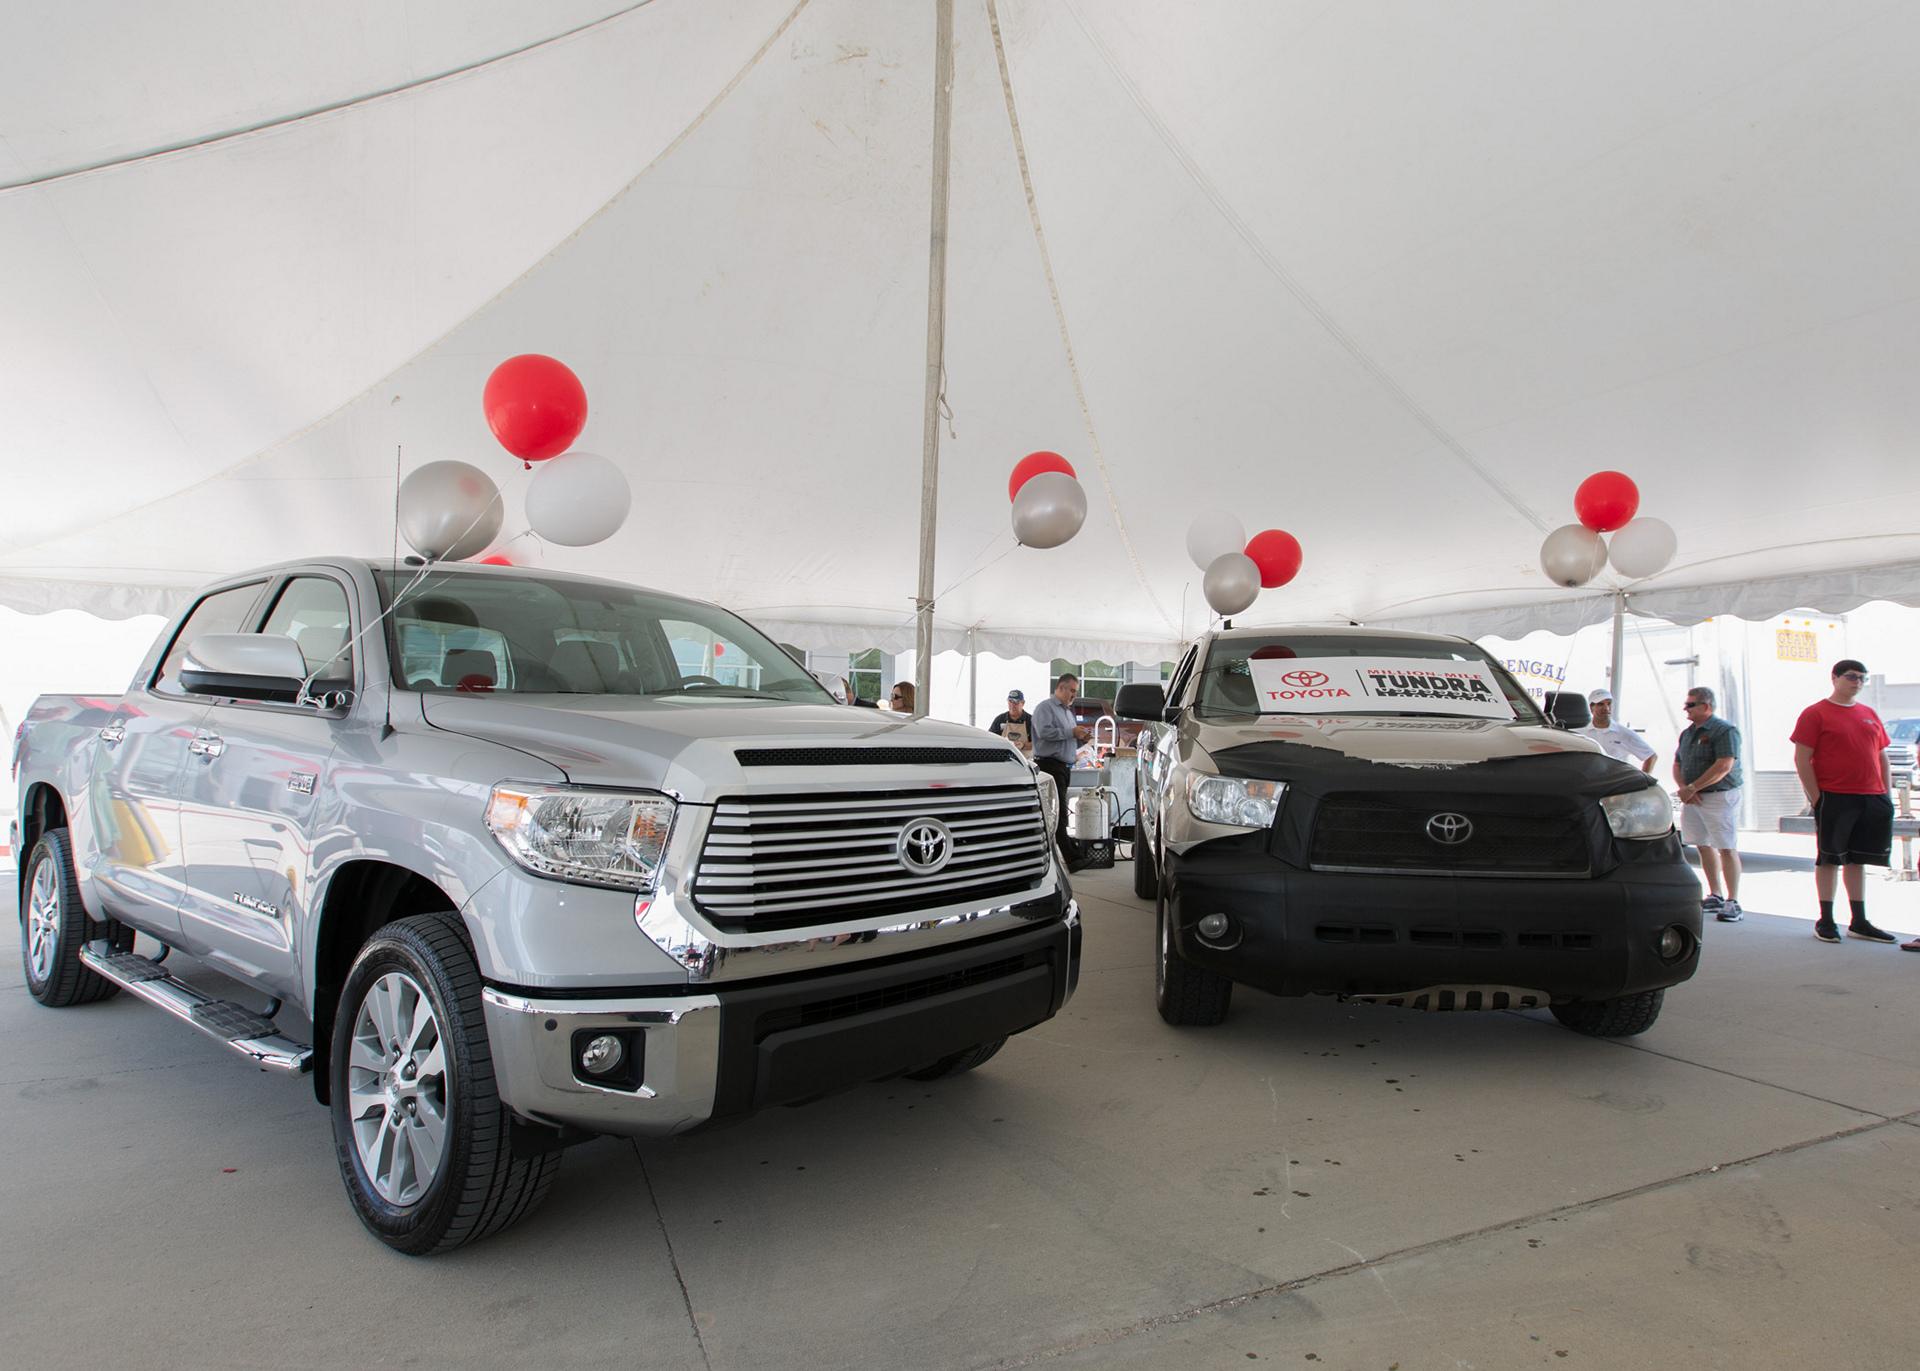 Million Mile Toyota Tundra © Toyota Motor Corporation